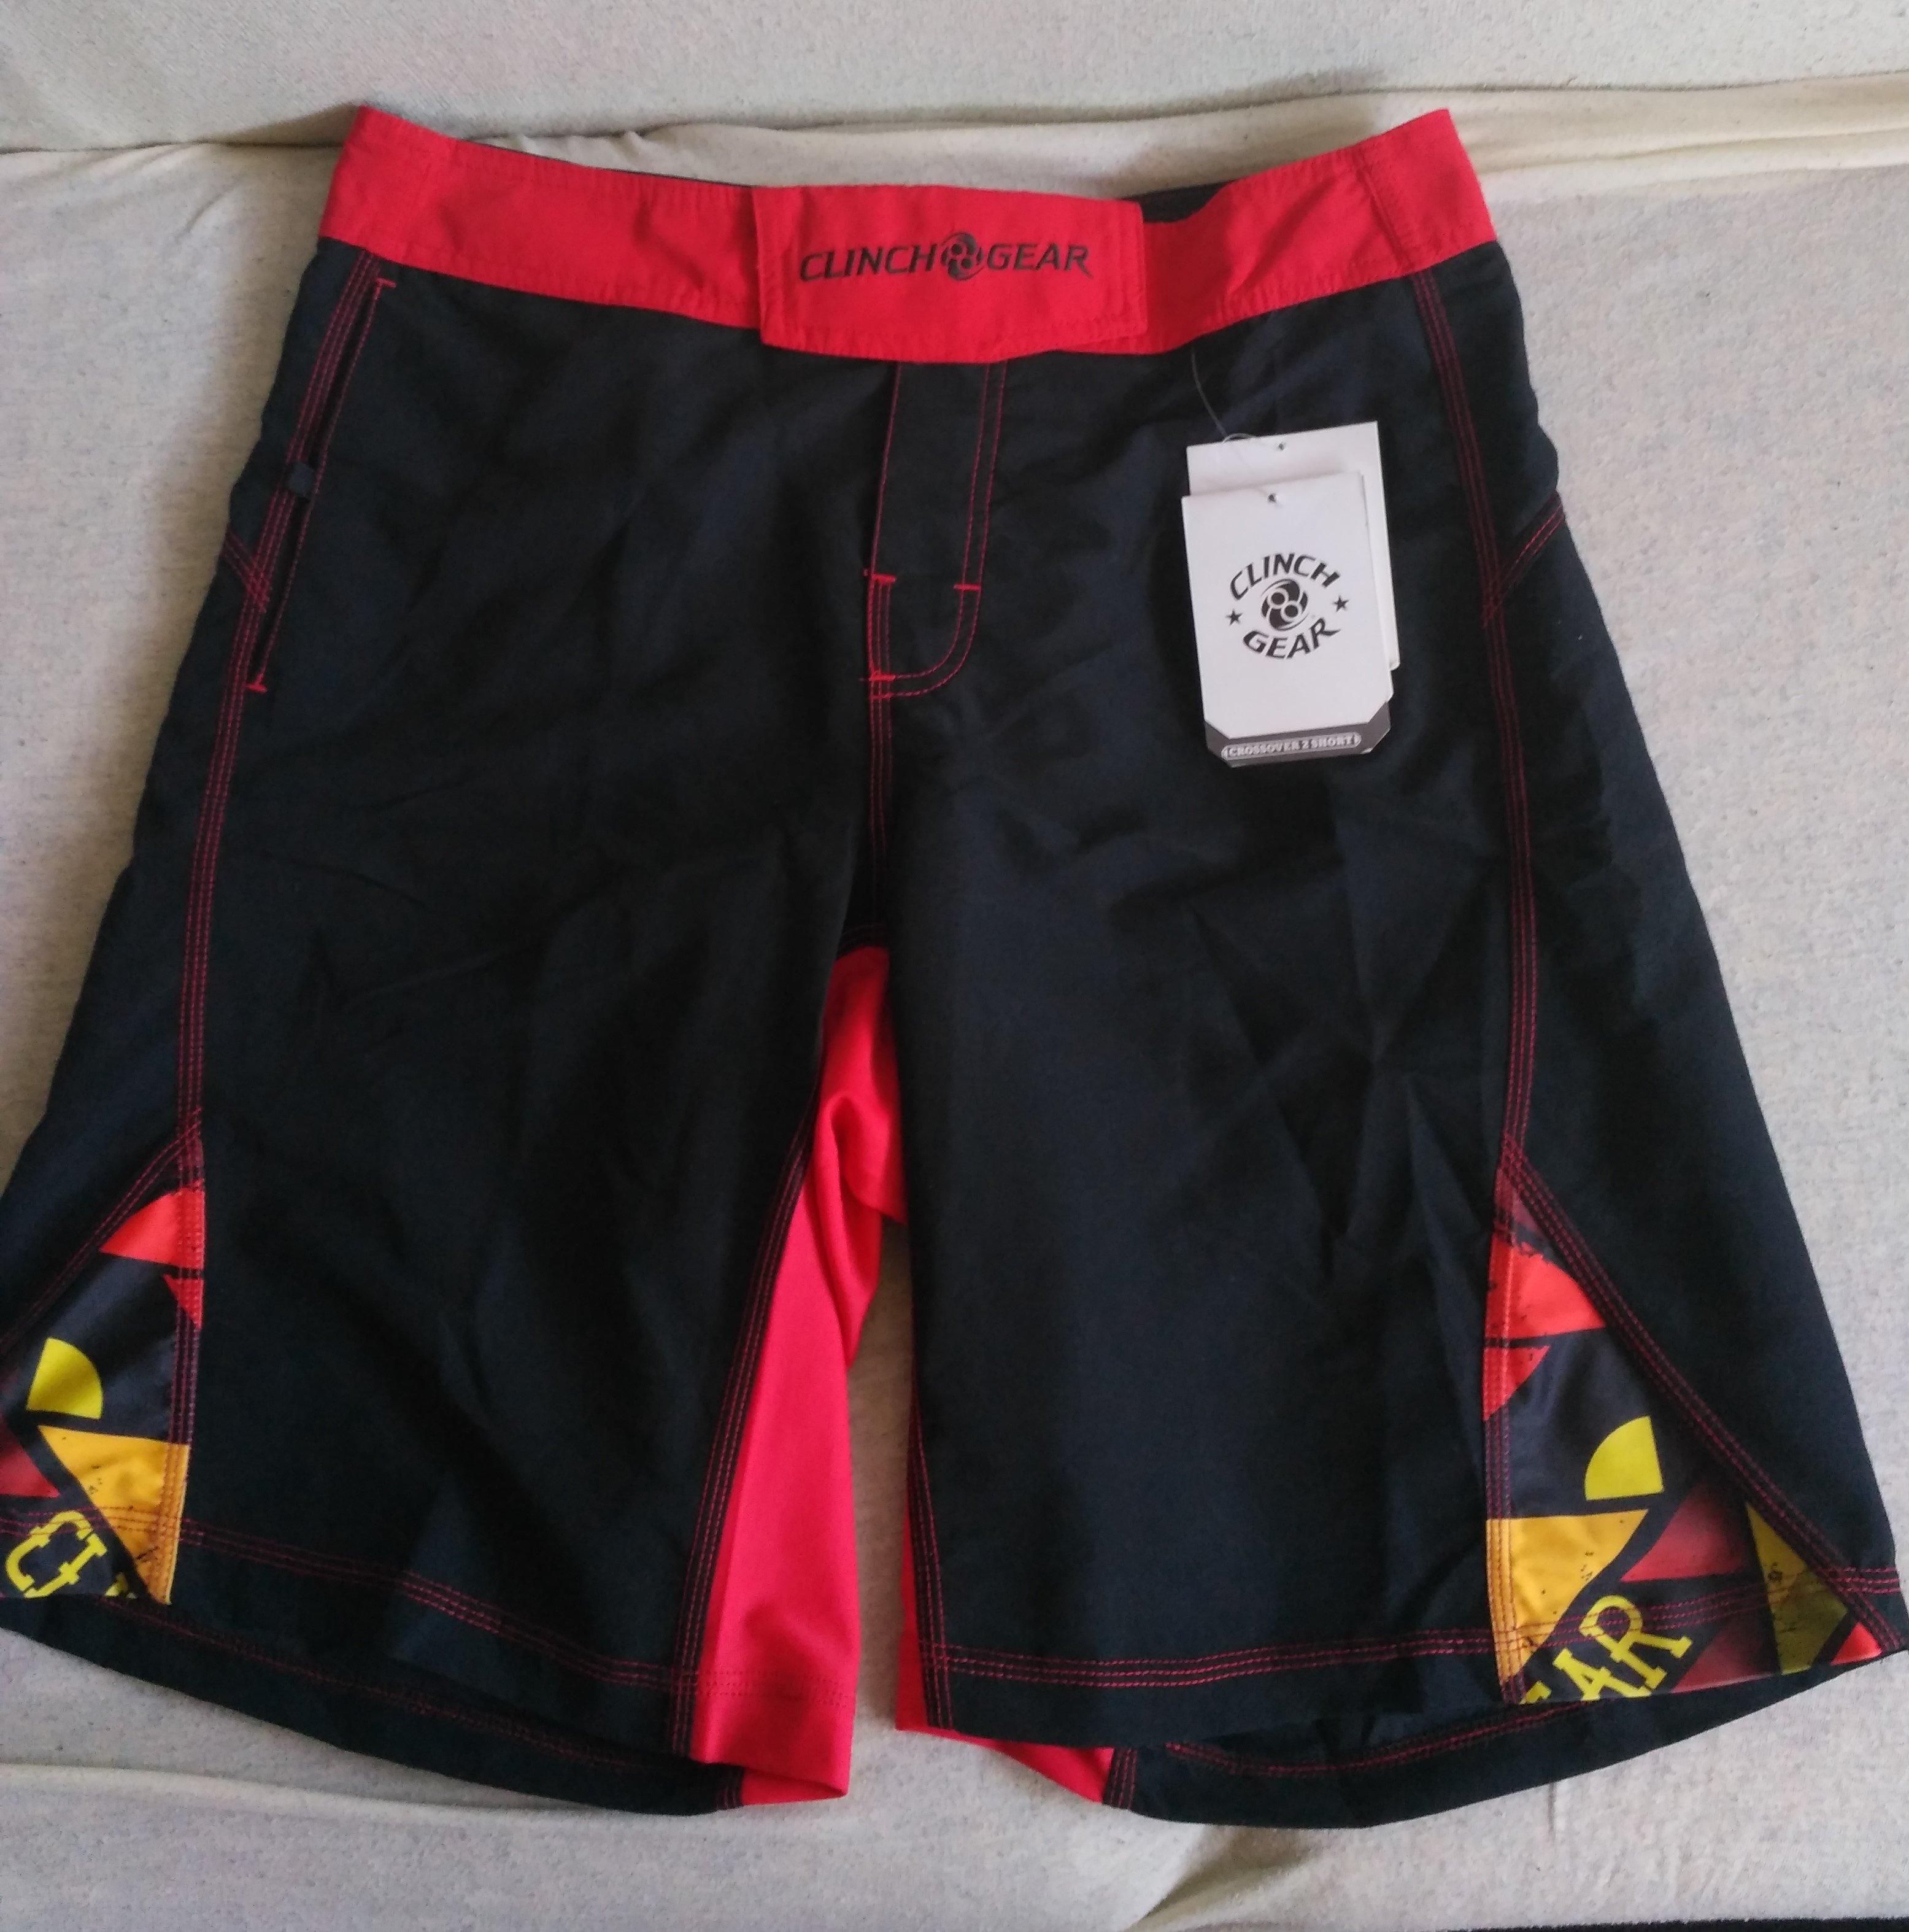 Bermude Clinch Gear MMA Shorts 00033